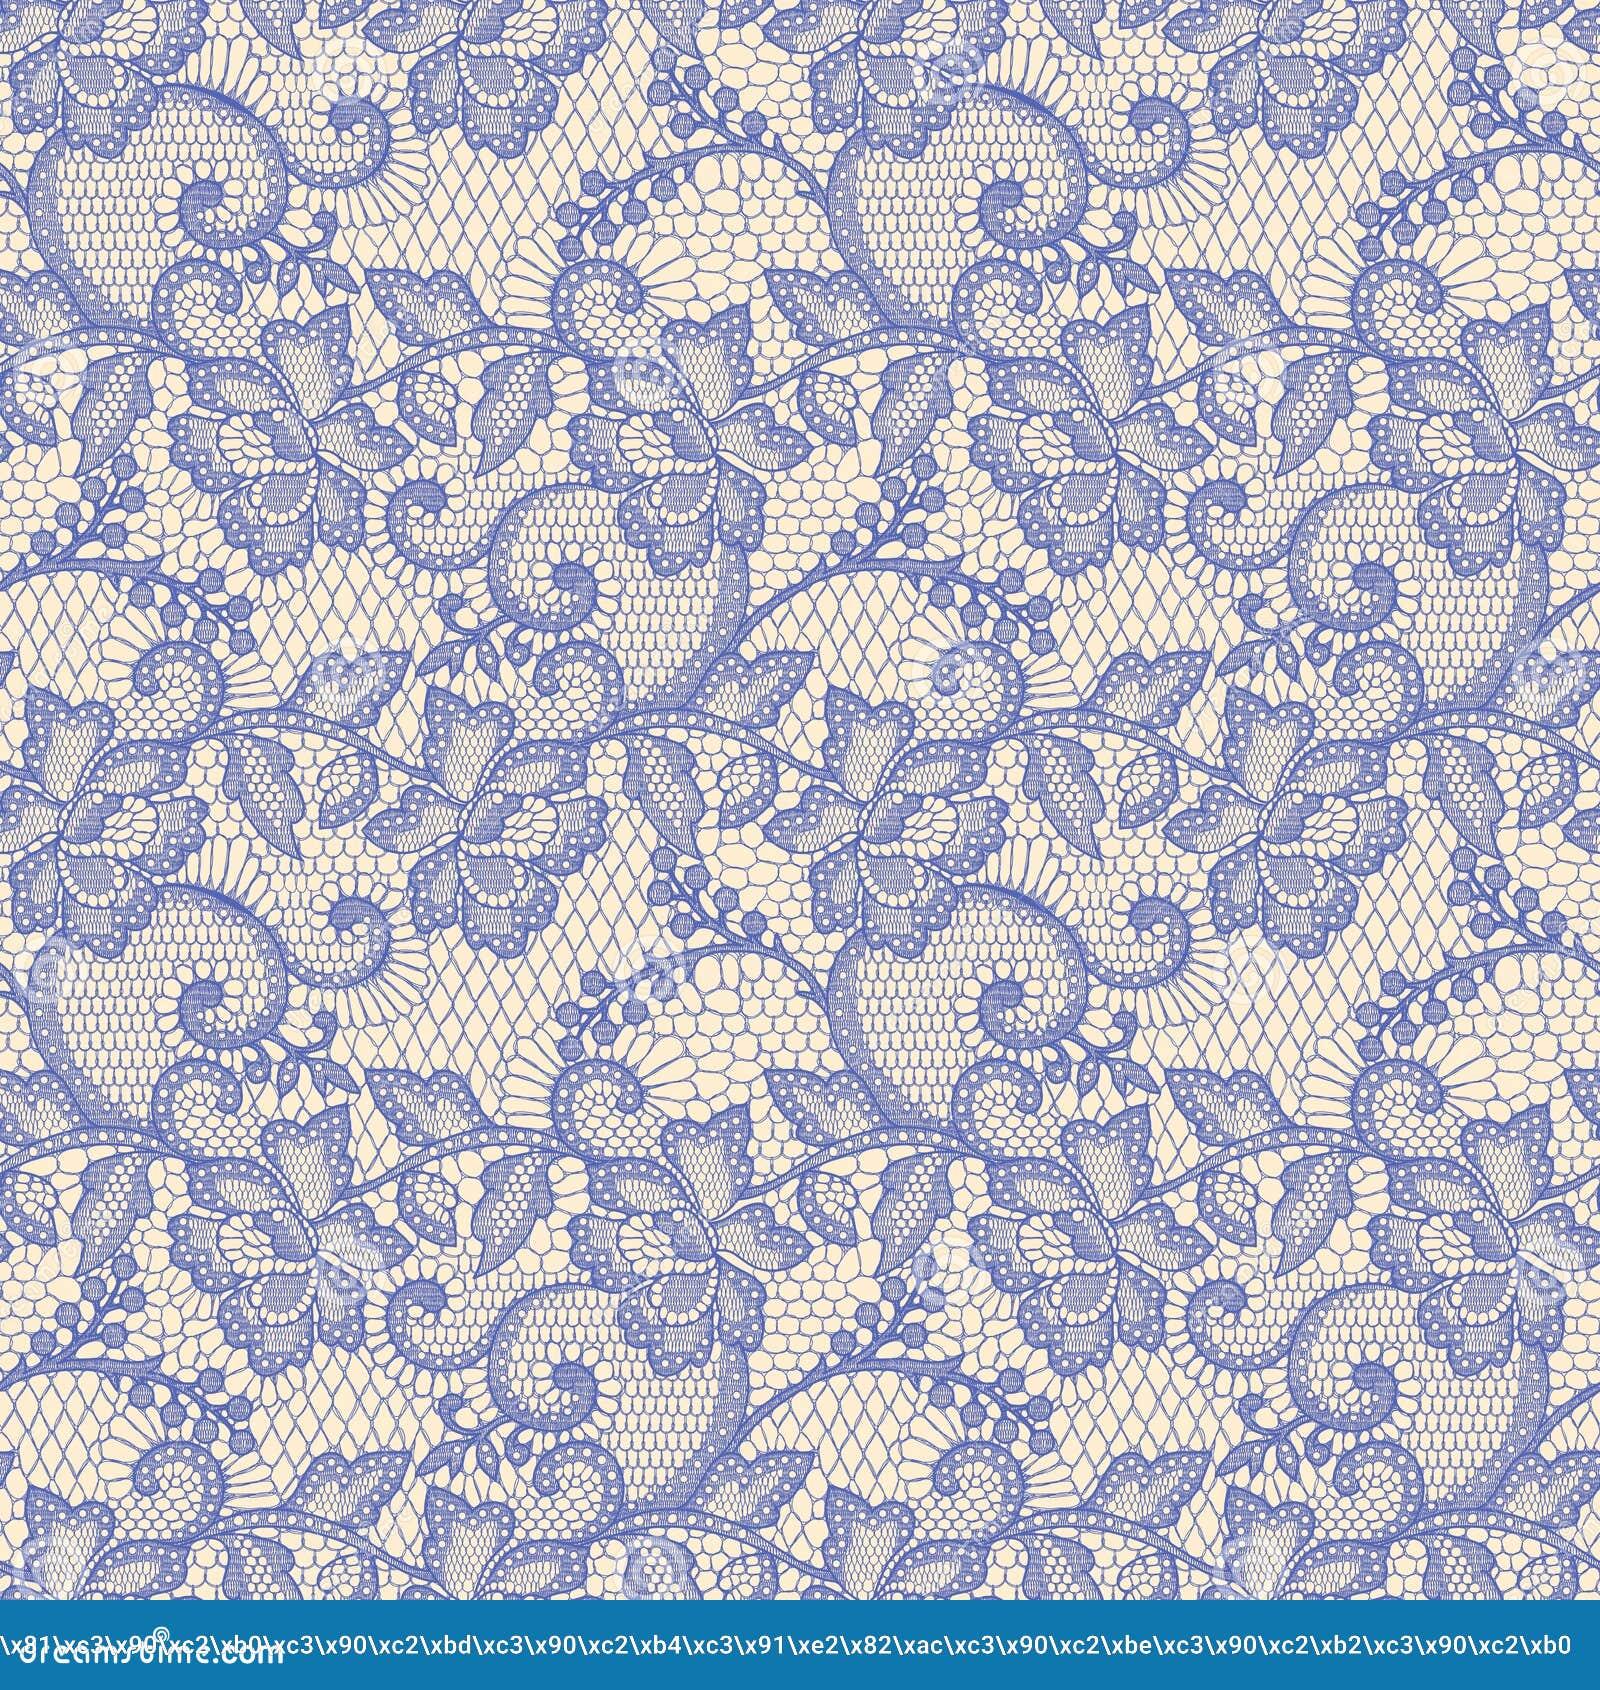 lace drawing pattern - photo #29